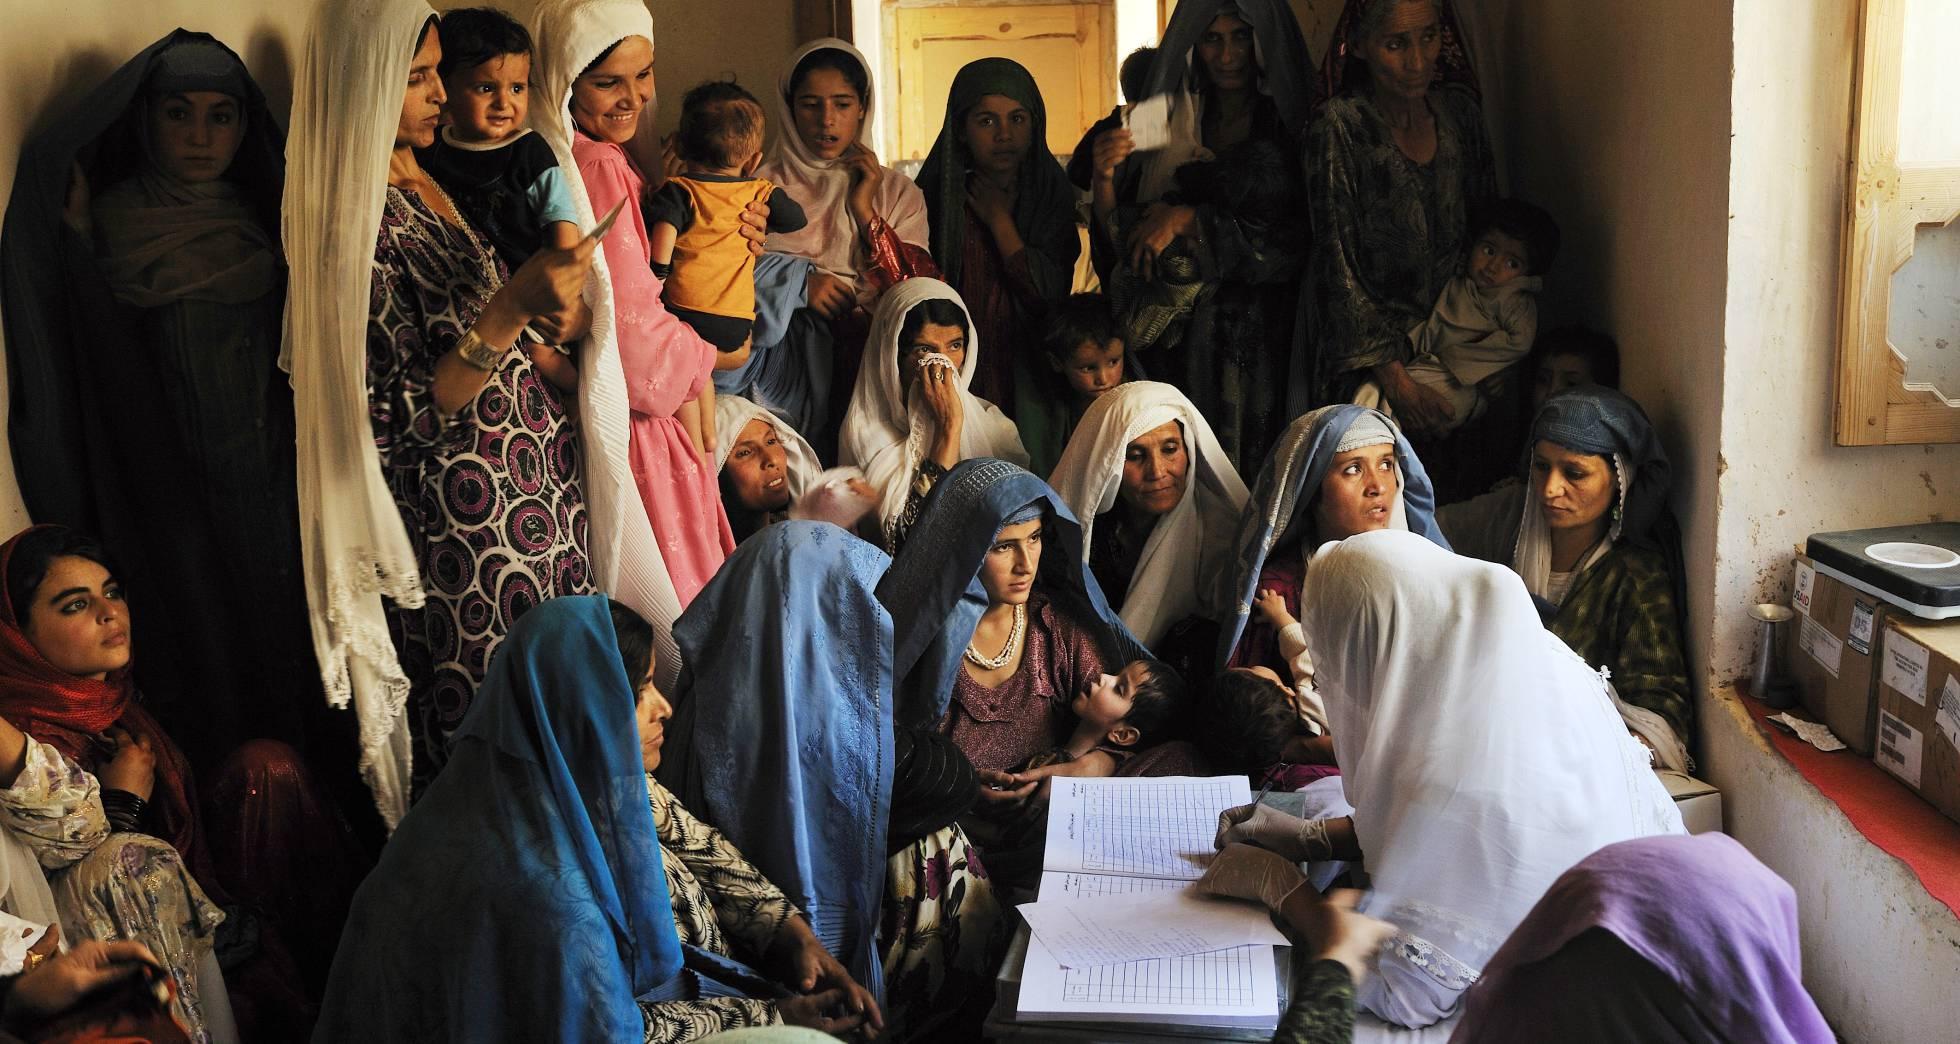 Mujeres afganas; México dará refugio a mujeres afganas tras la invasión del régimen talibán